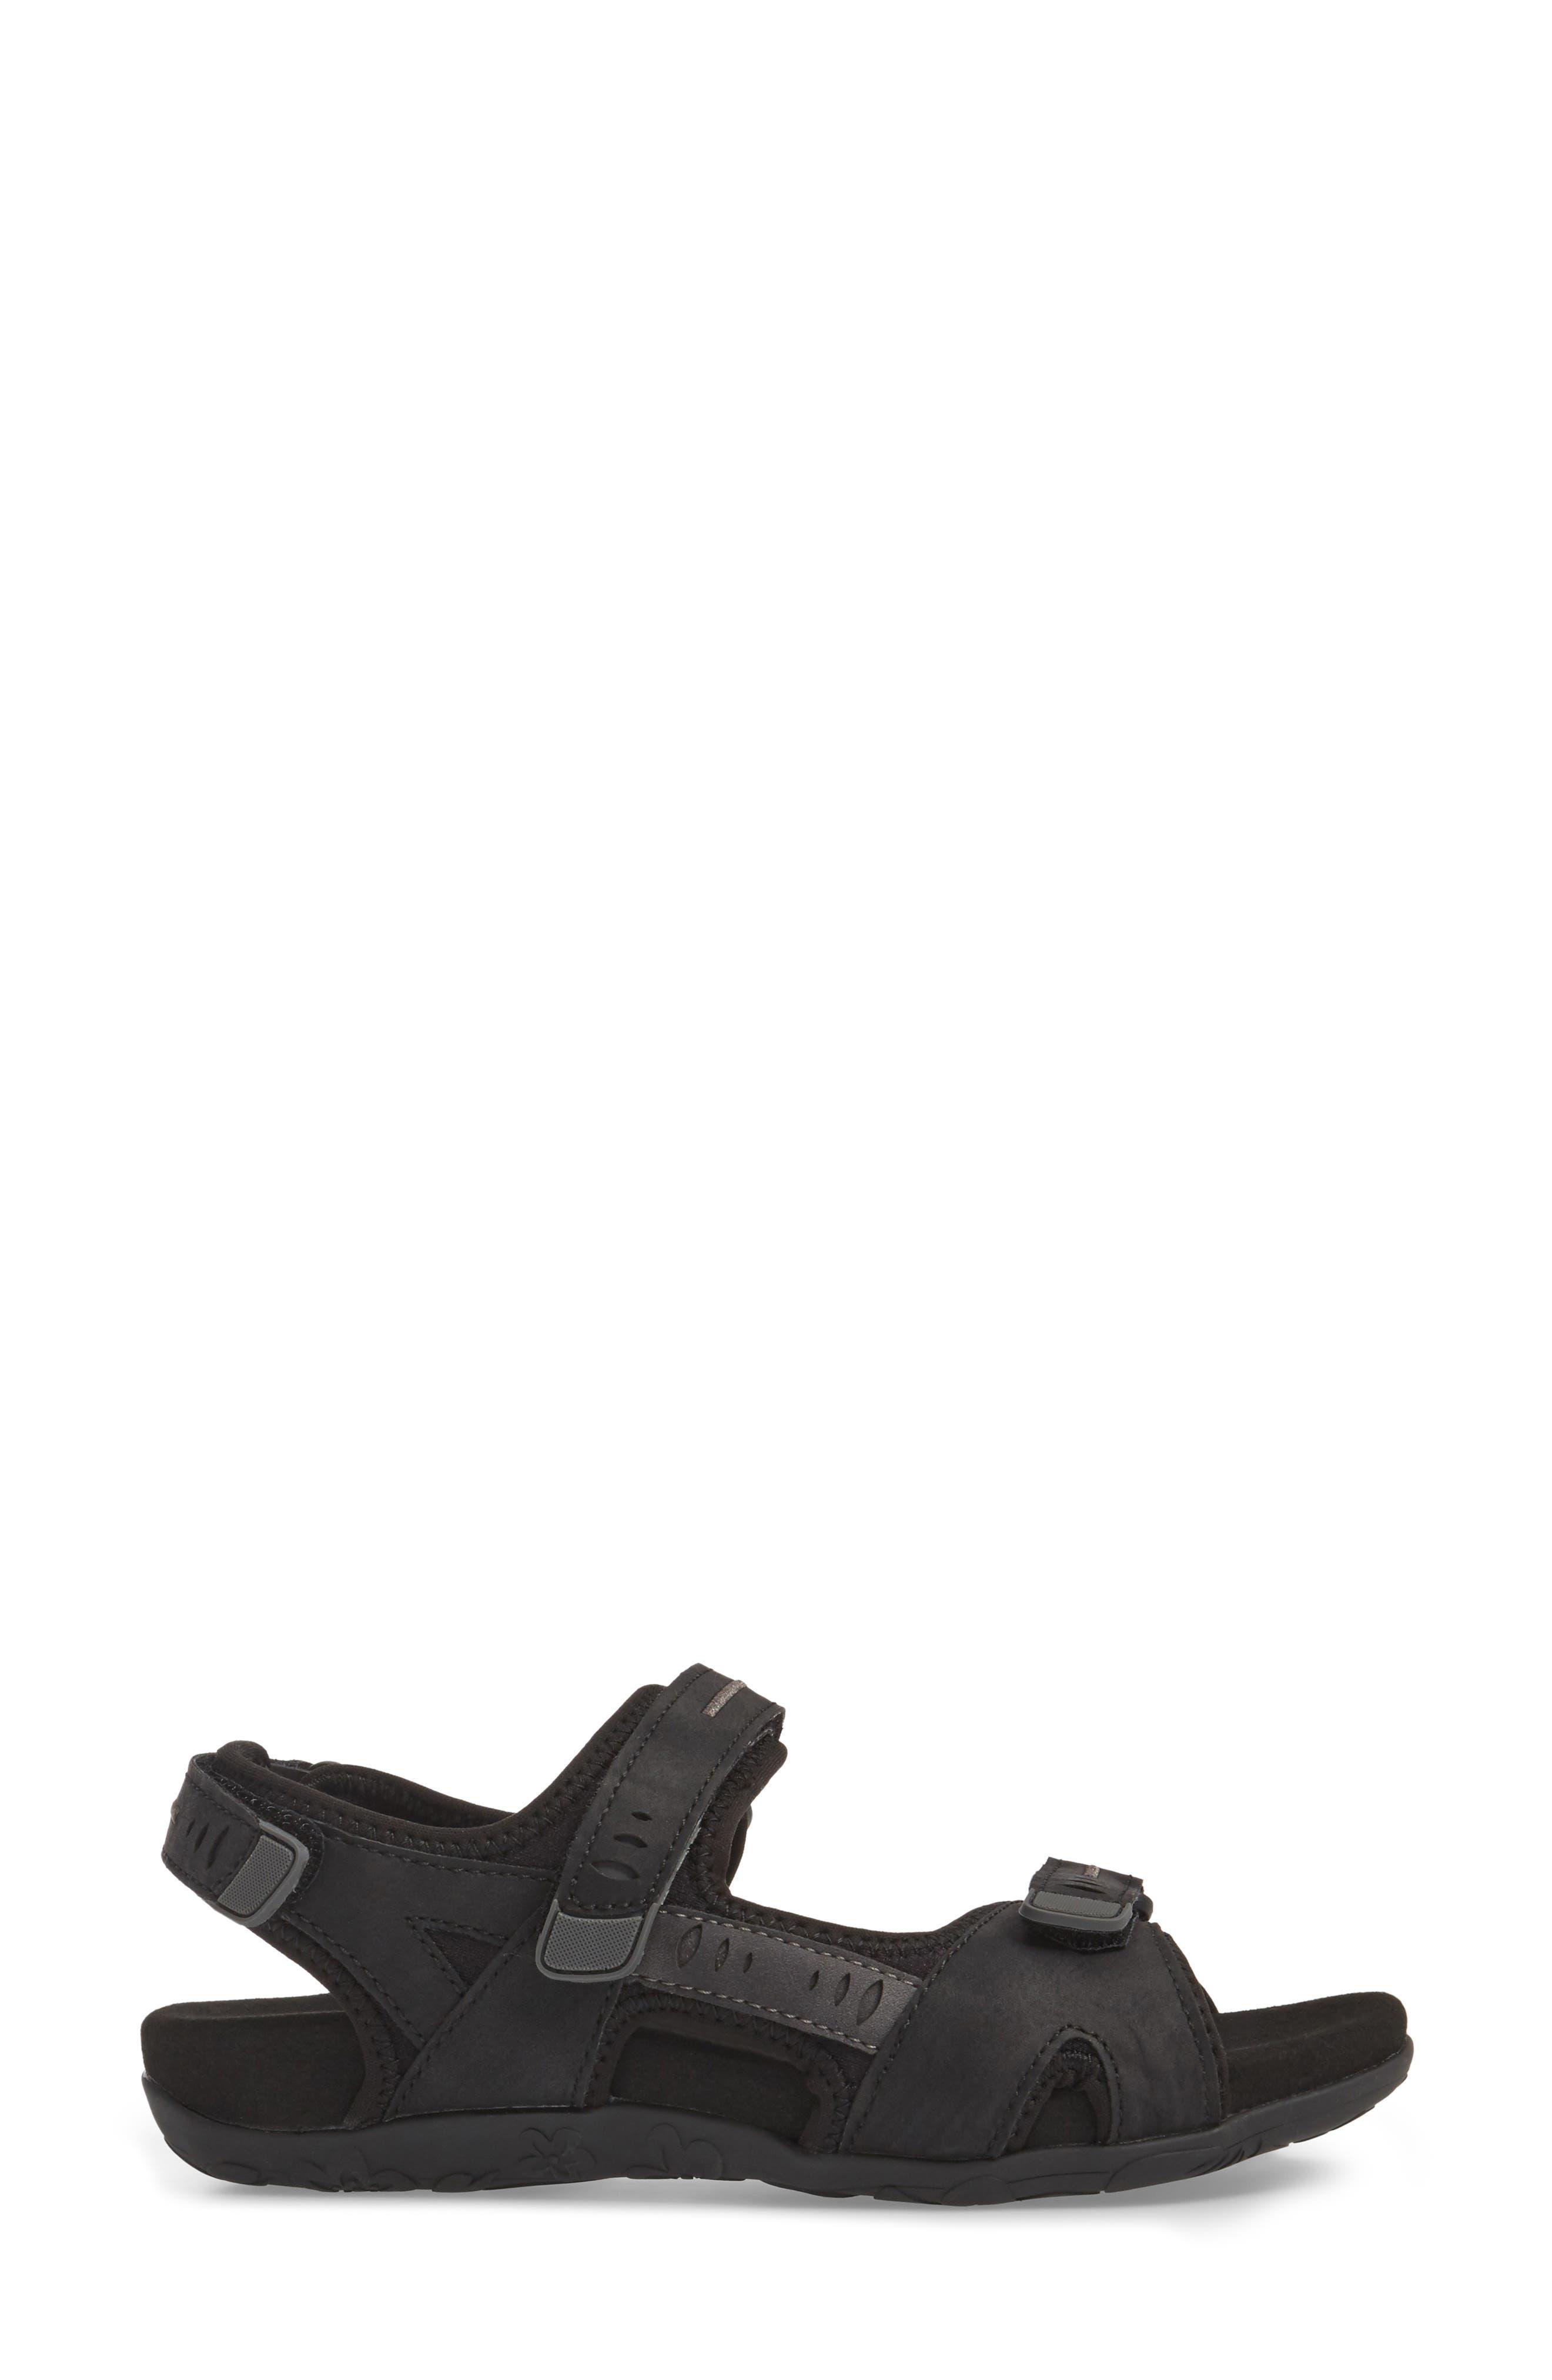 Bree Sport Sandal,                             Alternate thumbnail 3, color,                             Black Fabric